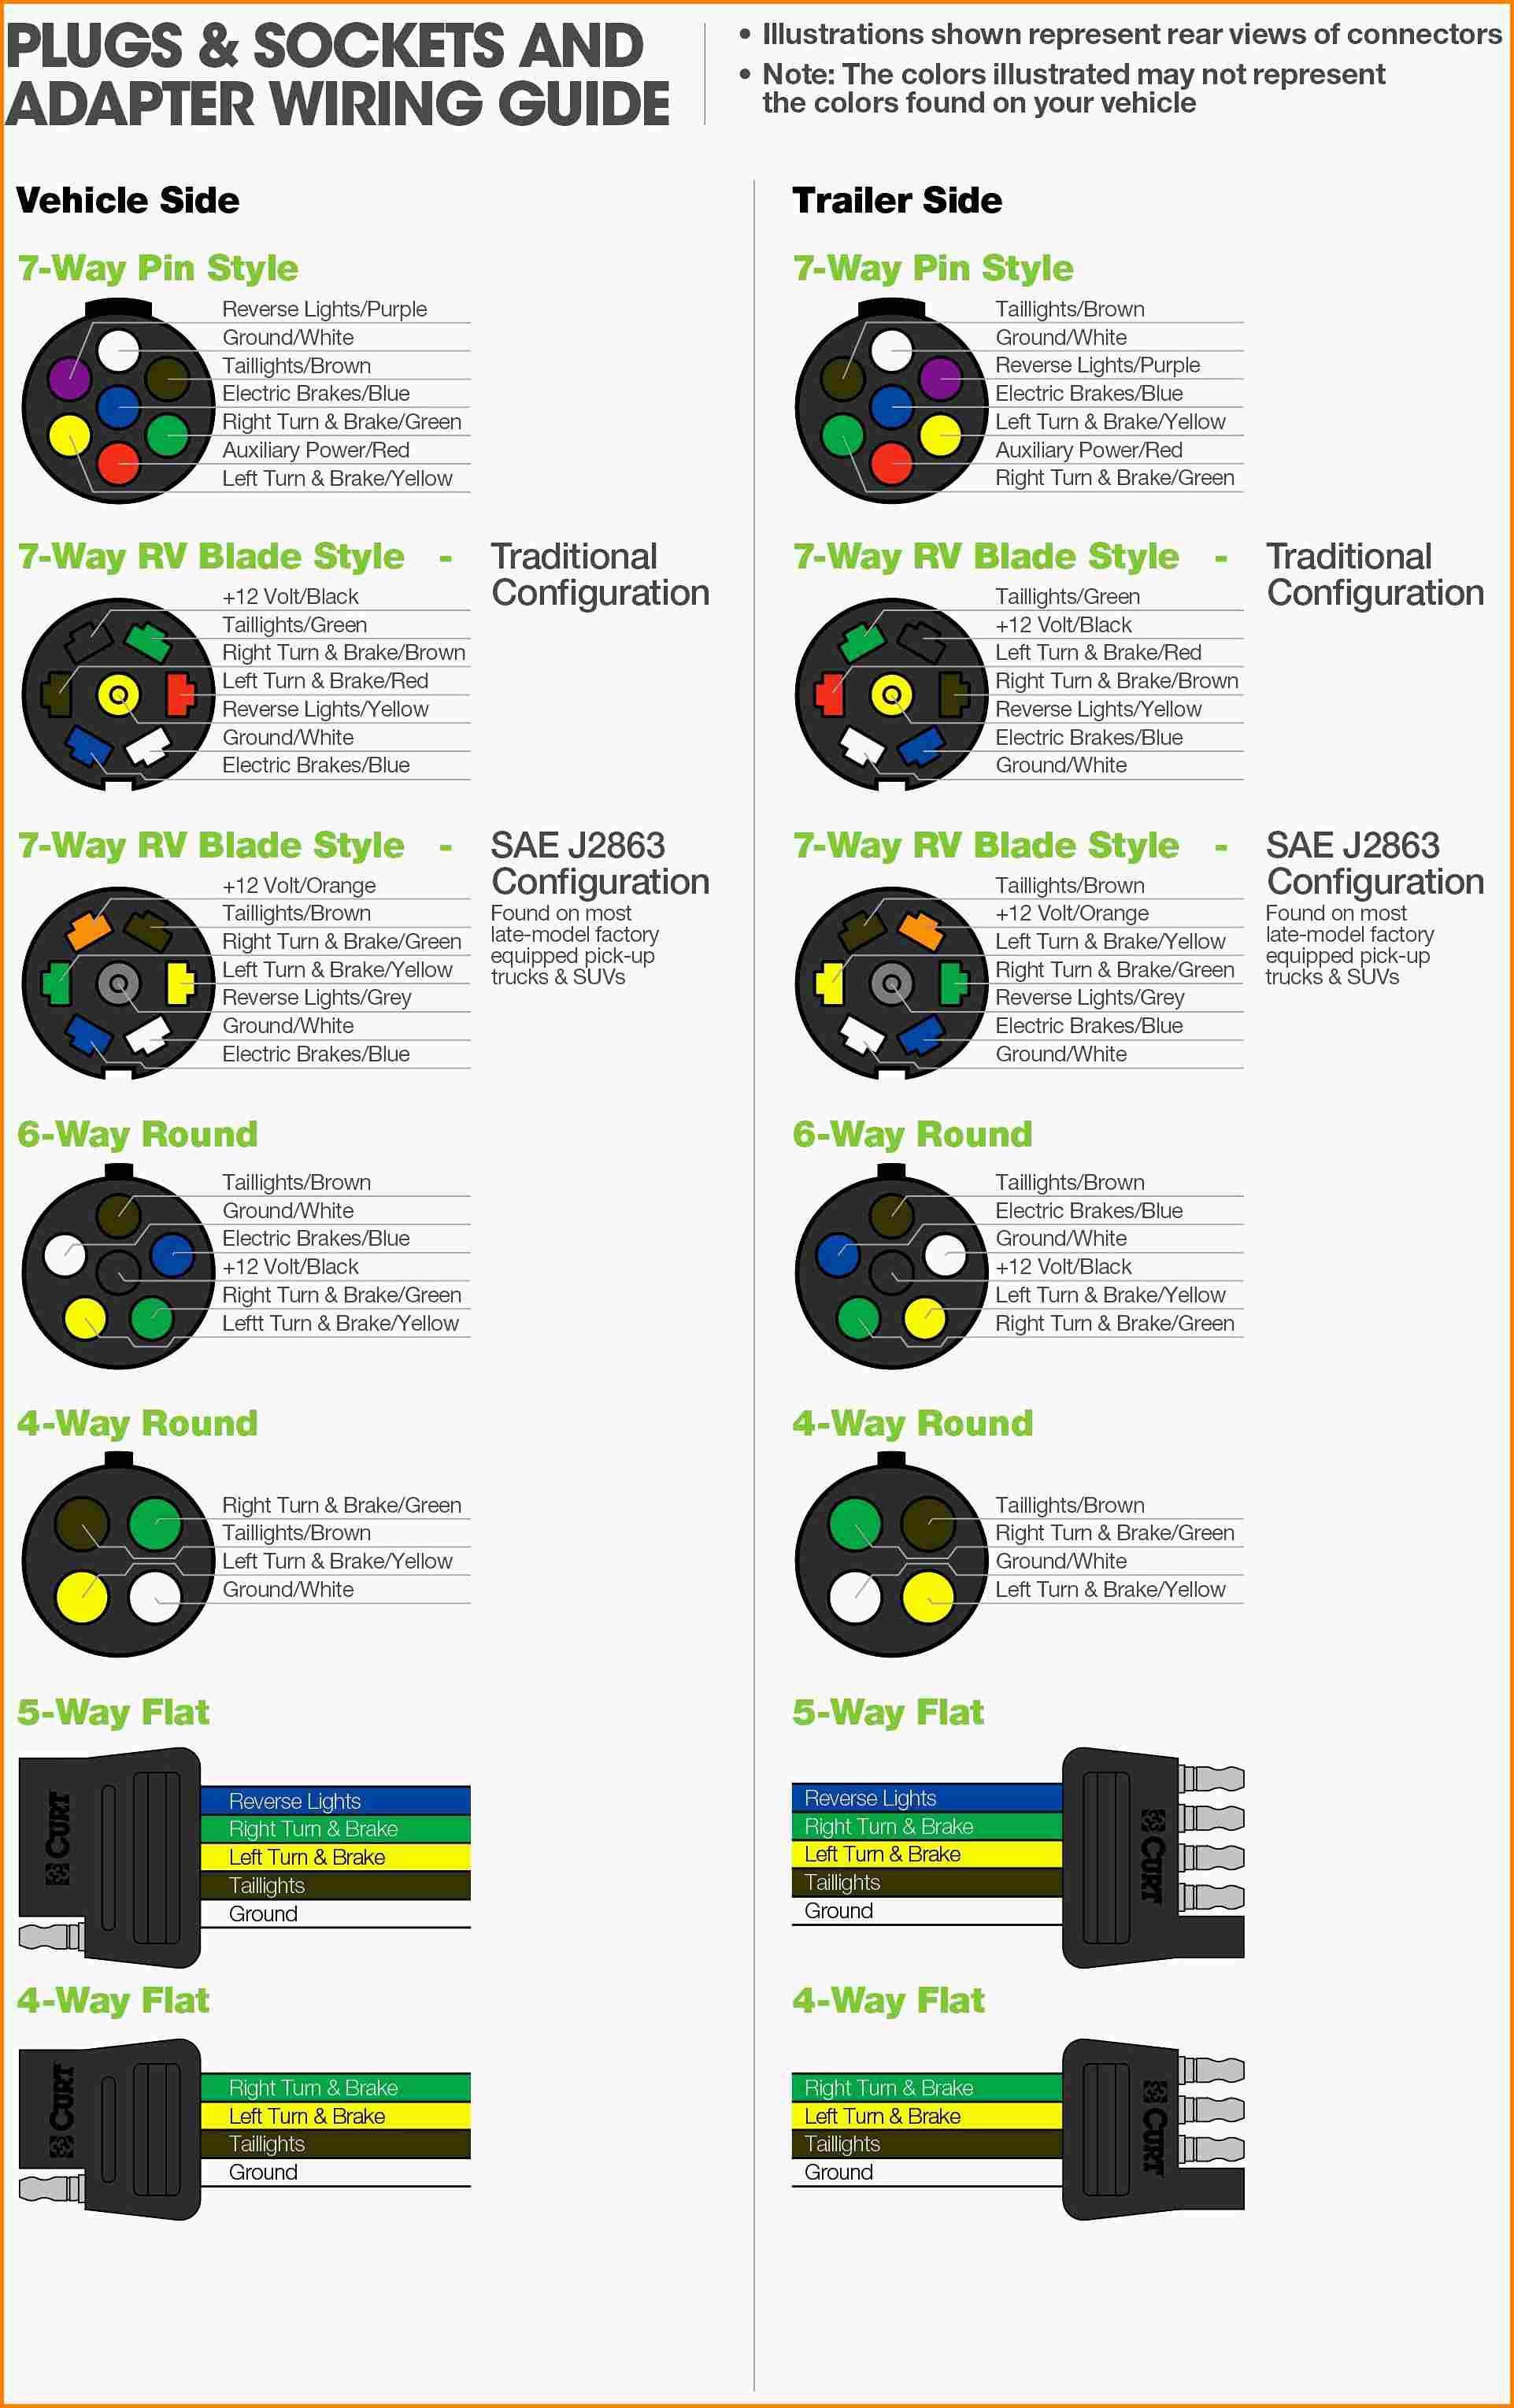 Trailer Plug Wiring Diagram 5 Way - Lt1 Engine Harness Diagram for Wiring  Diagram SchematicsWiring Diagram Schematics